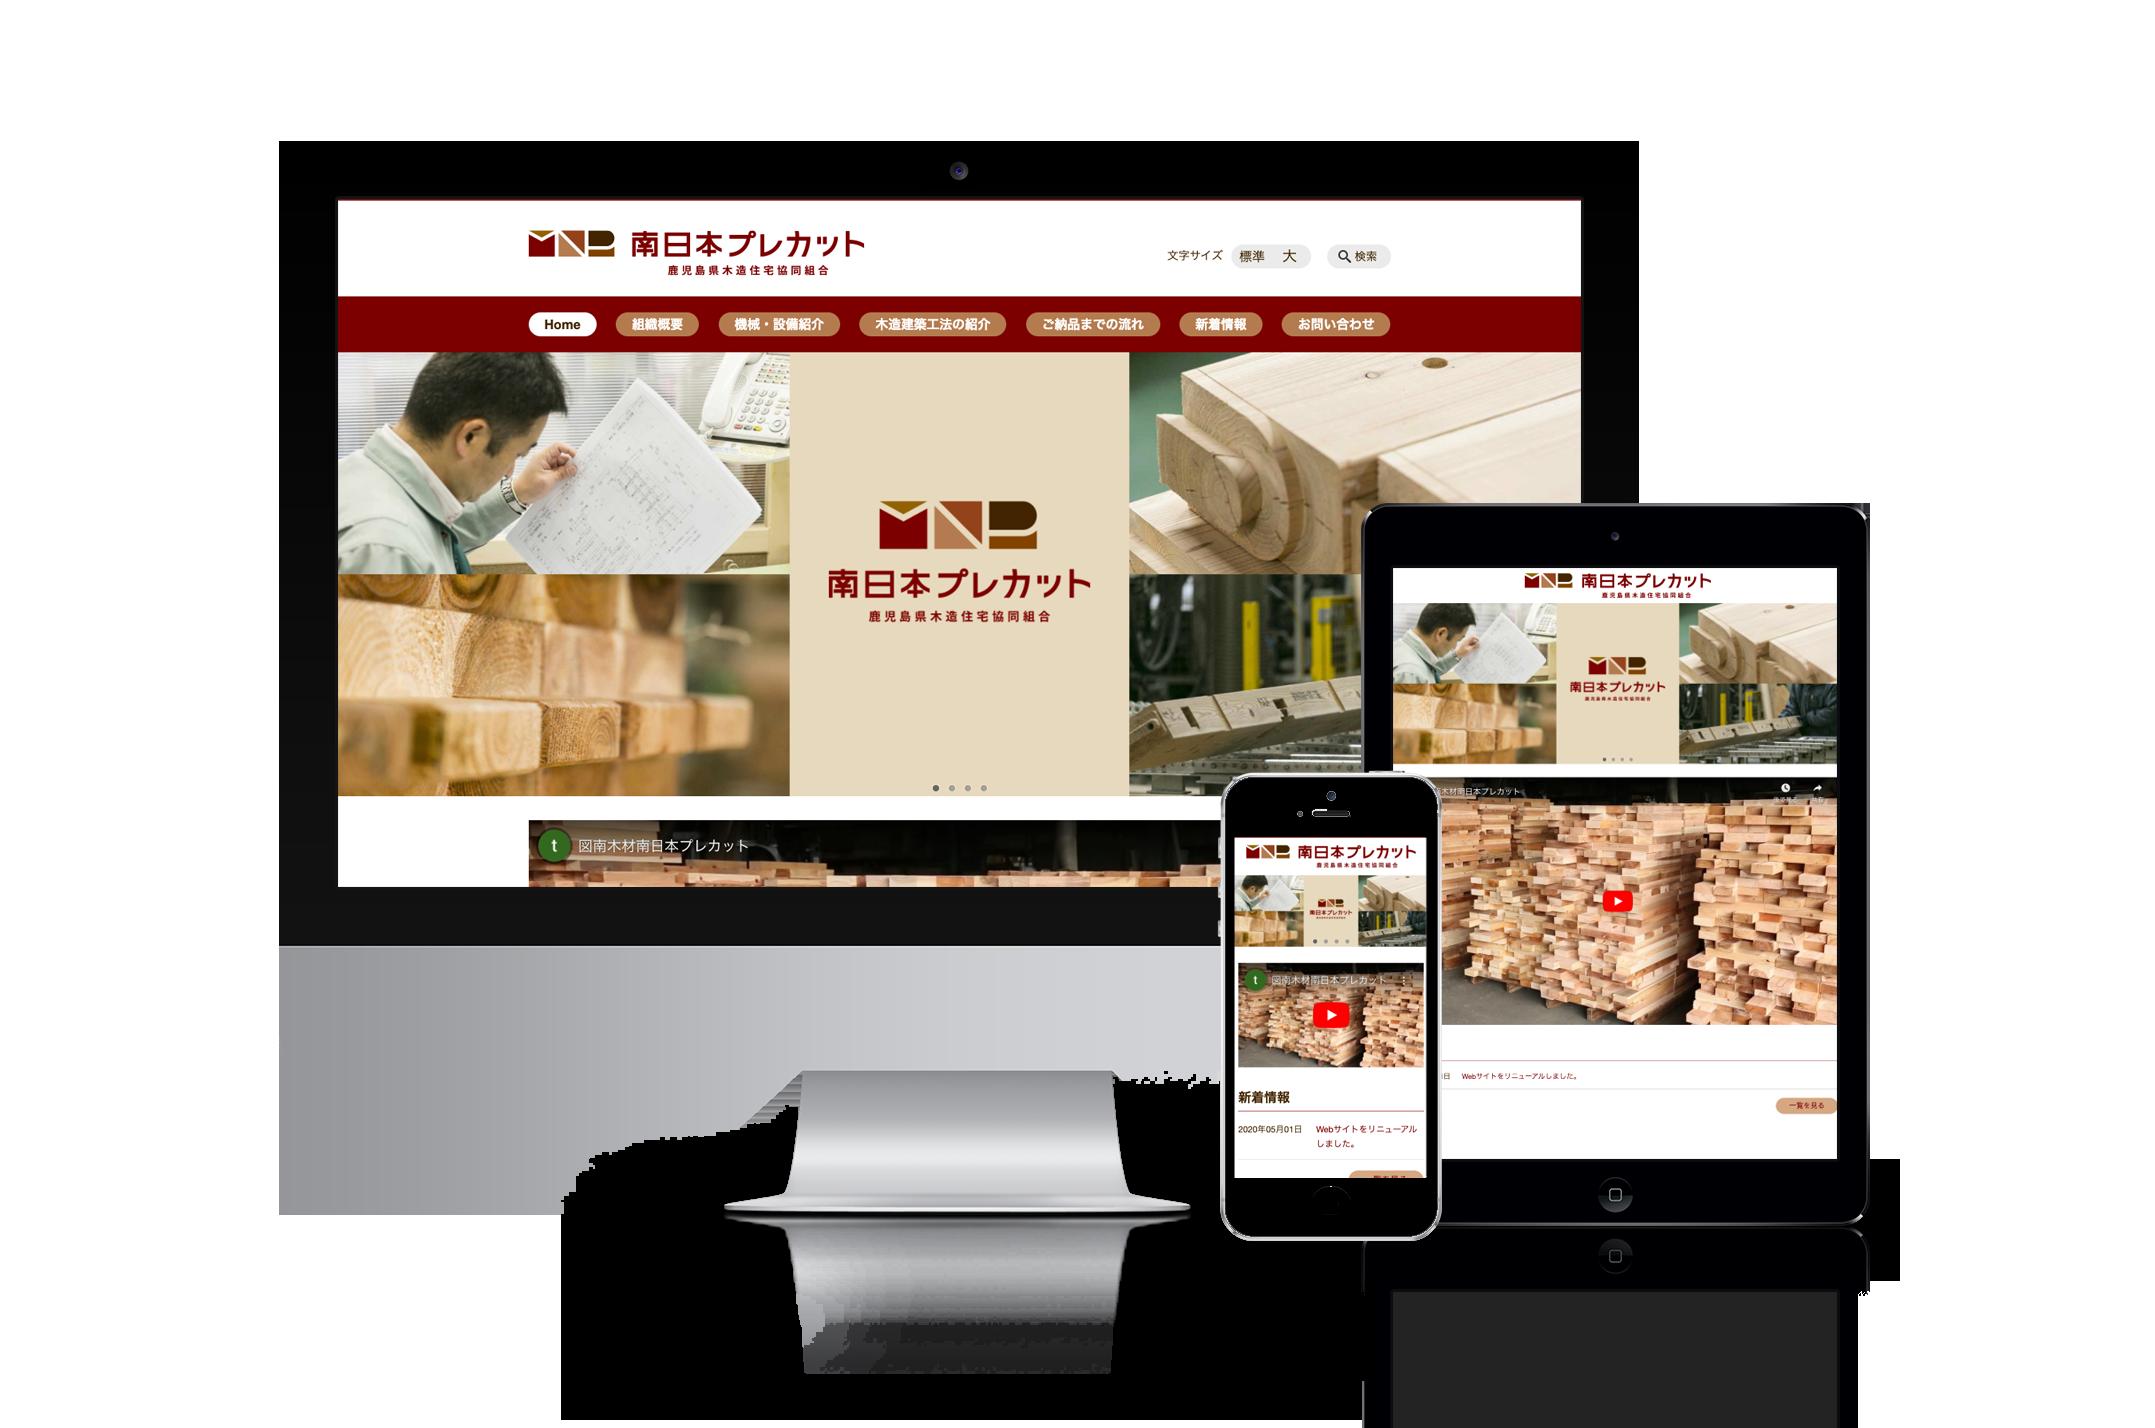 セレサイト制作実績「南日本プレカット 鹿児島県木造住宅協同組合」